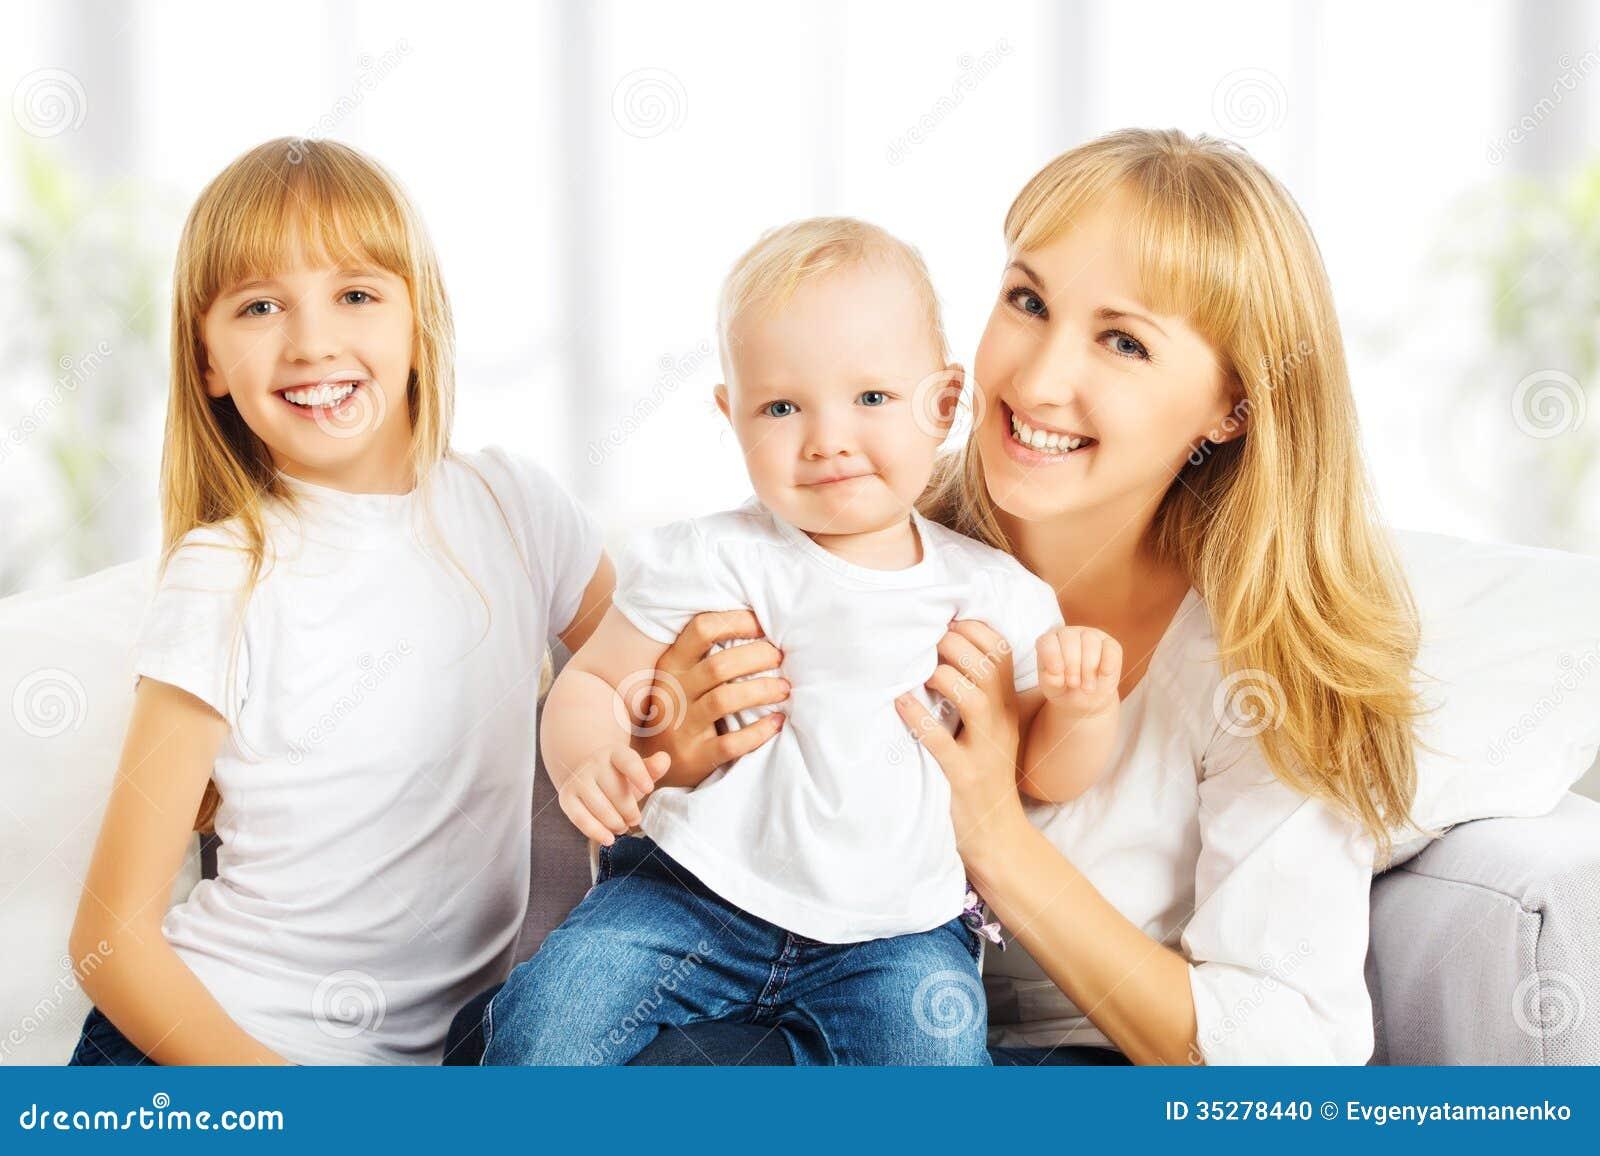 Ευτυχής οικογένεια στο σπίτι στον καναπέ. Μητέρα και κόρη και γιος